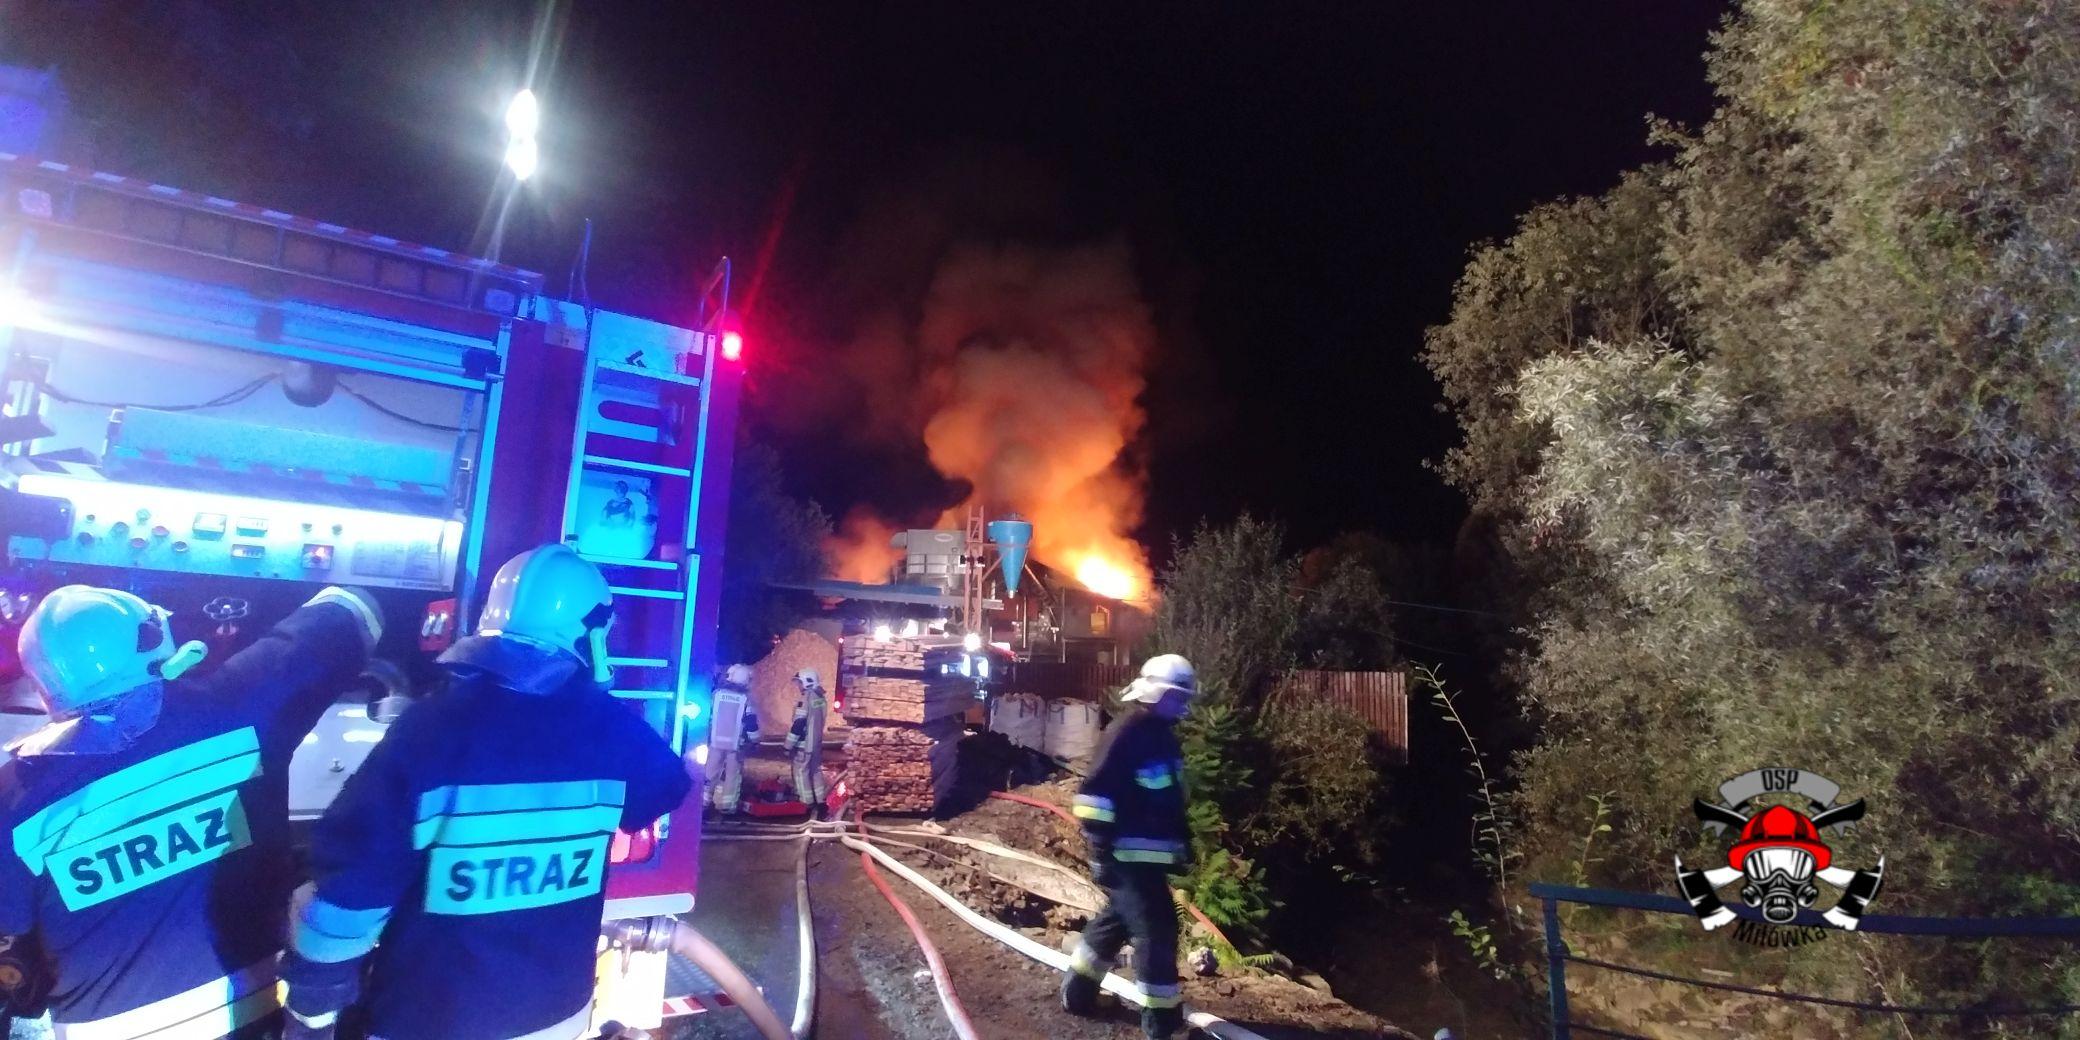 Olbrzymi pożar, z ogniem walczyli strażacy z kilku jednostek